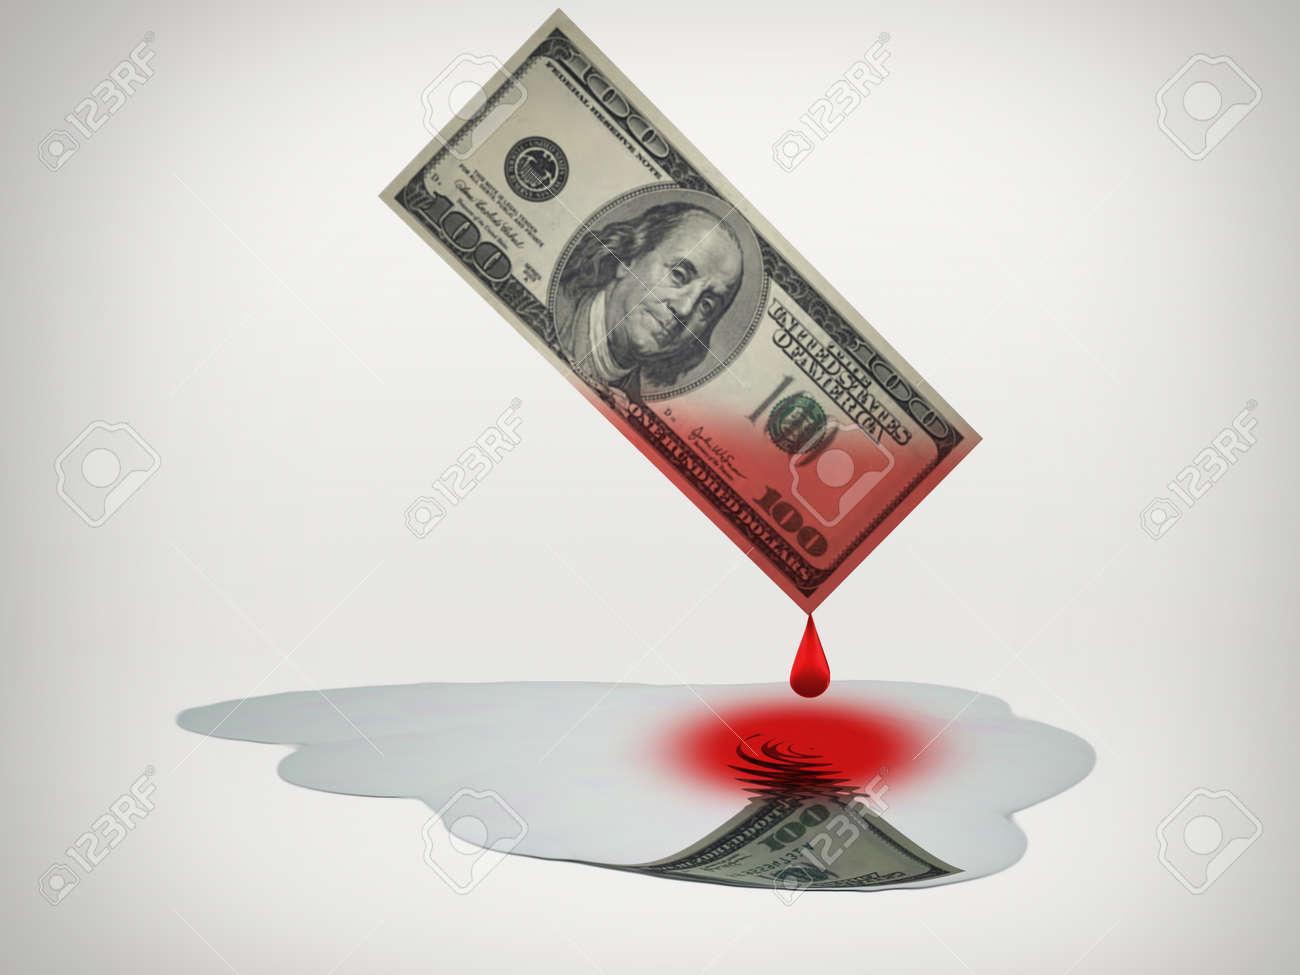 Image result for BLOOD MONEY